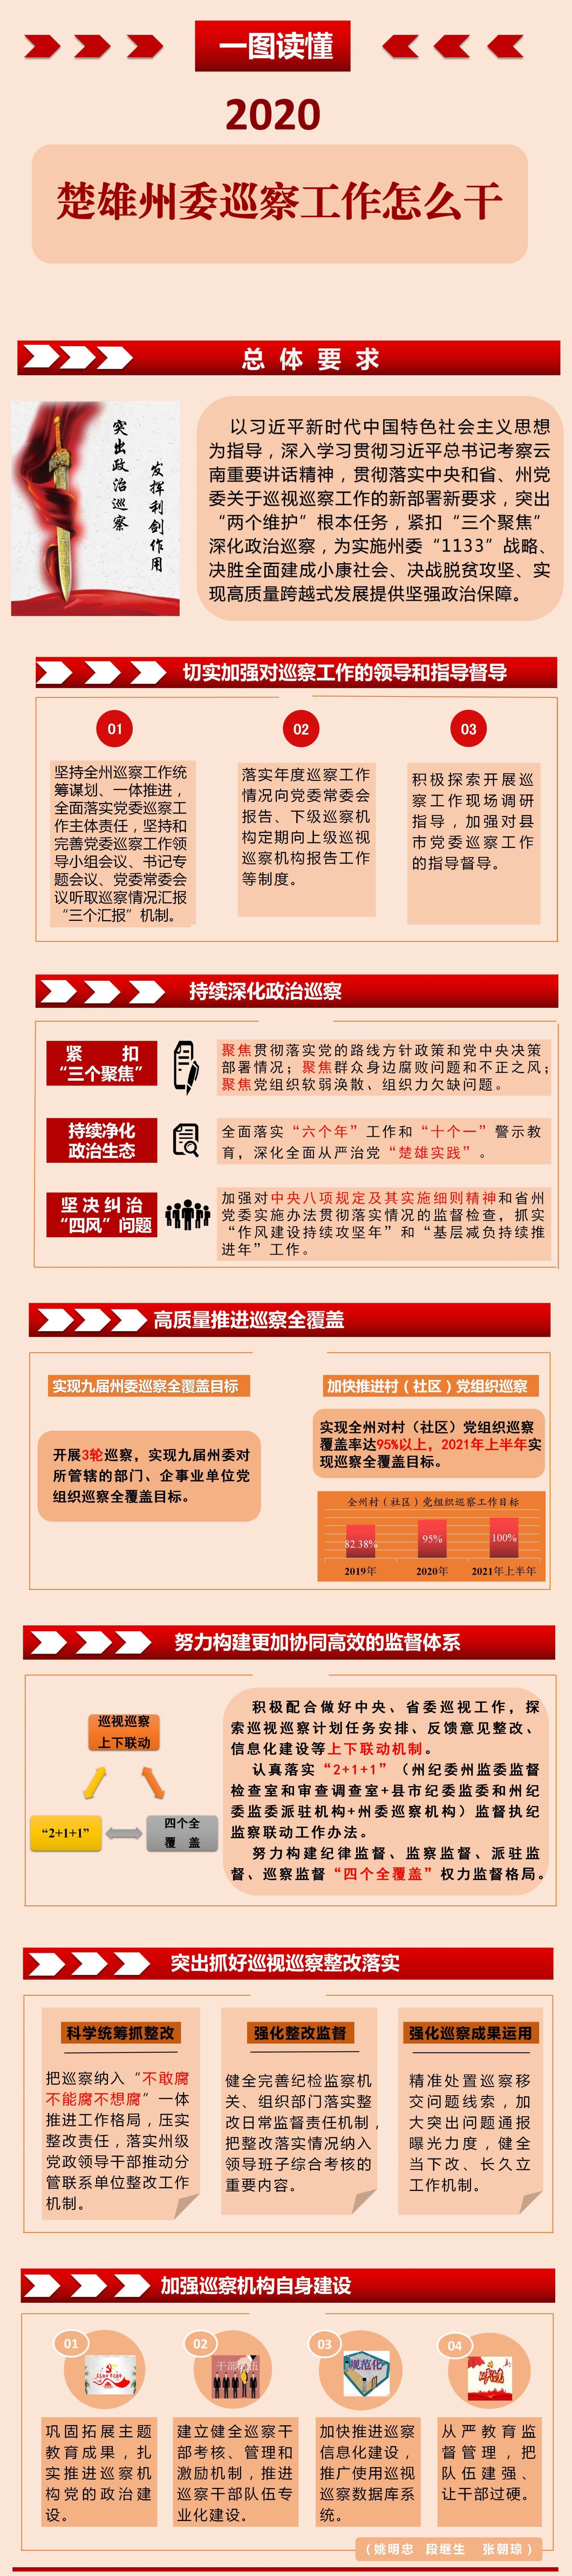 一图读懂2020年楚雄州委巡察工作怎么干